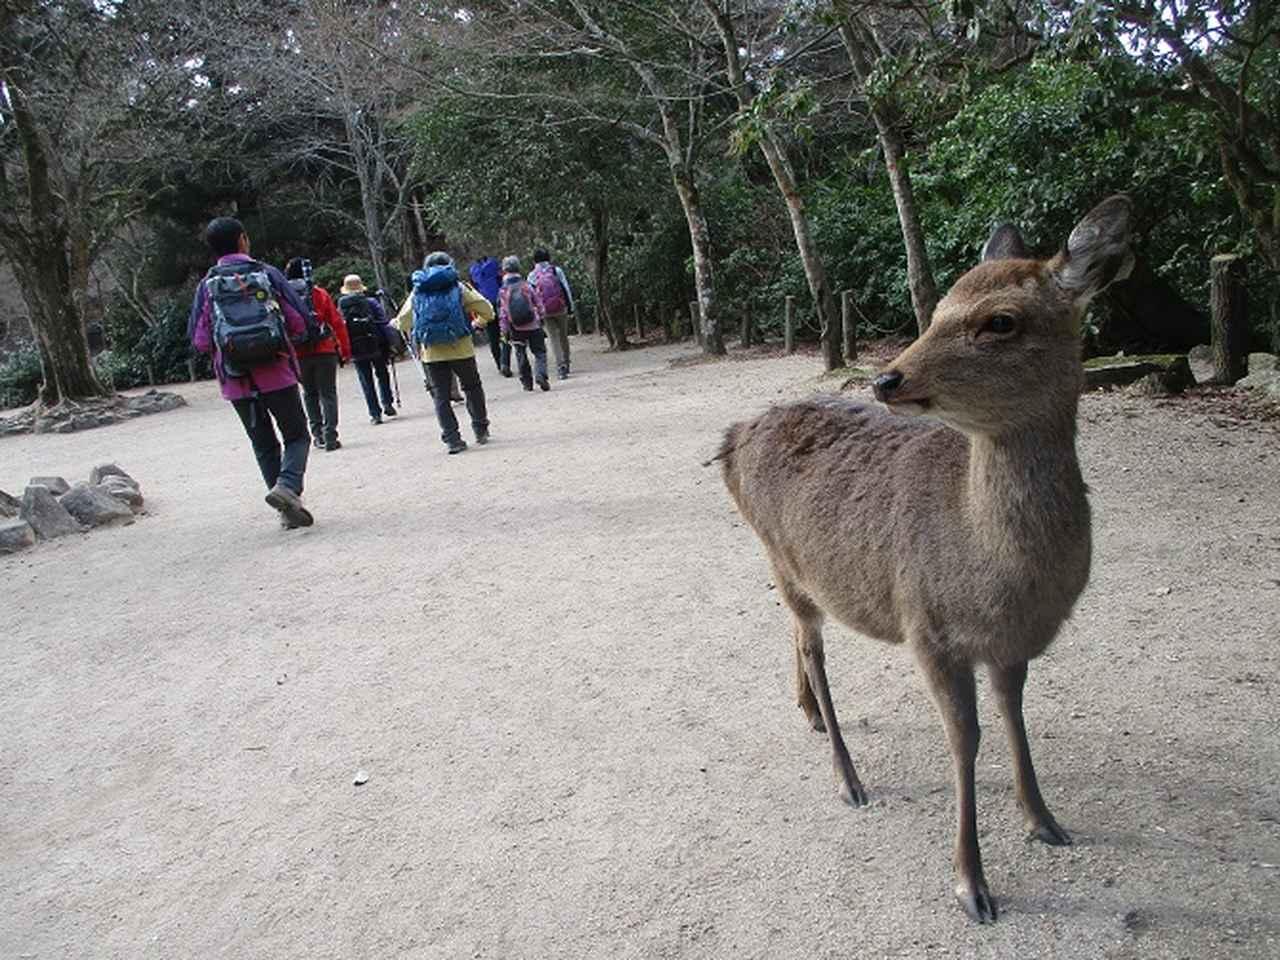 画像1: 【山旅会・登山ガイドこだわりツアー】岡田ガイドからの便り・山旅会ツアー3月までの催行状況